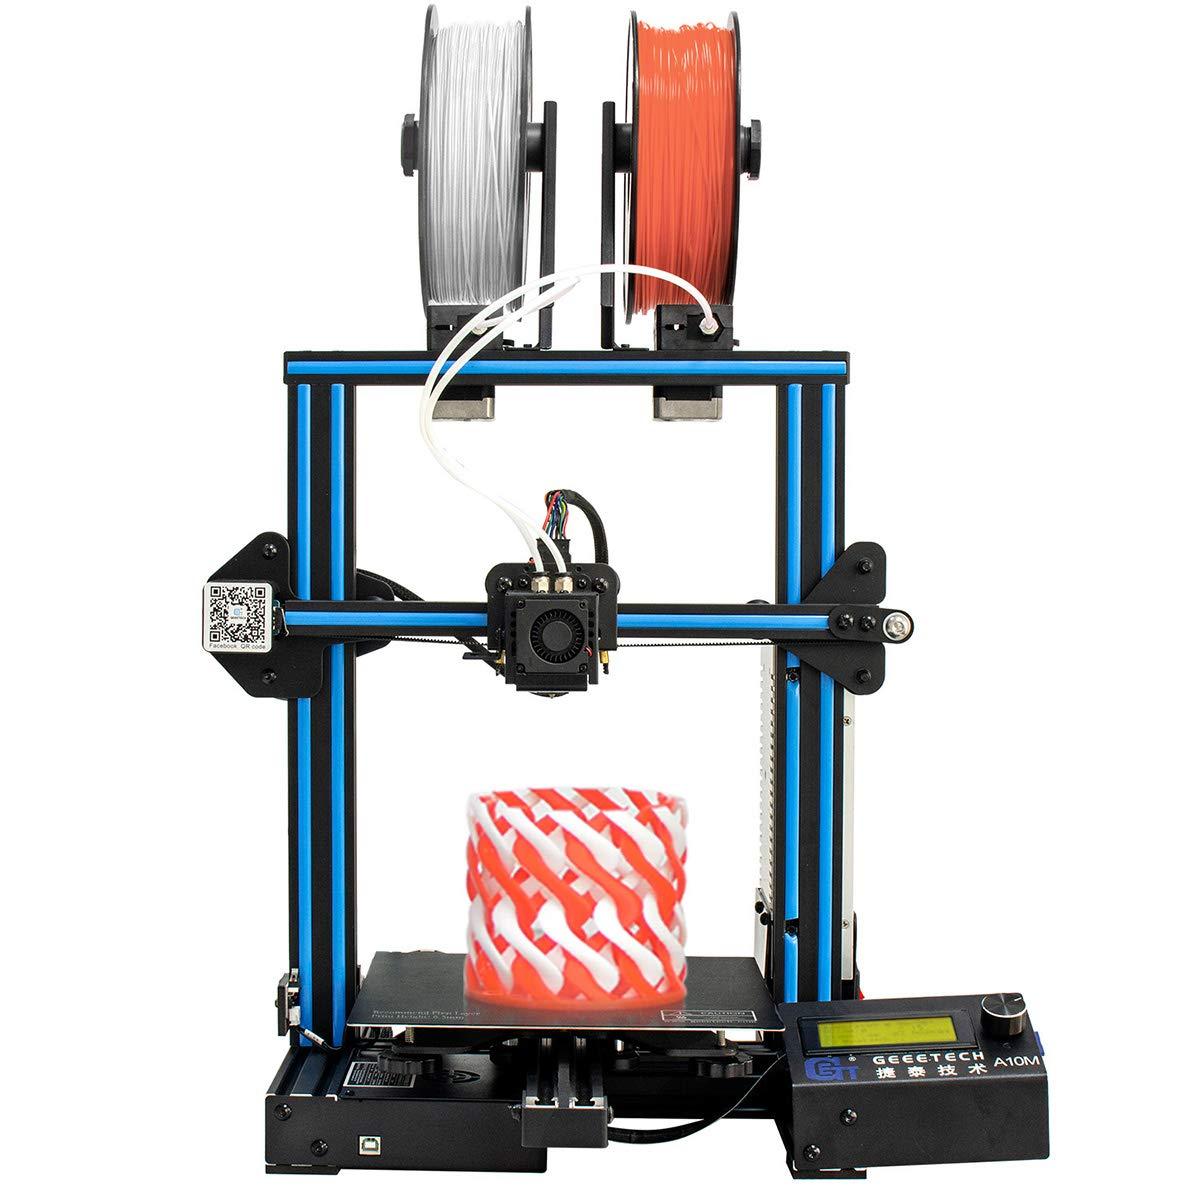 Geeetech A10M Impresora 3d con Mix de color de impresión, Dual de extruder de diseño, Filamento Detector de metales y Break de resuming de función, ...